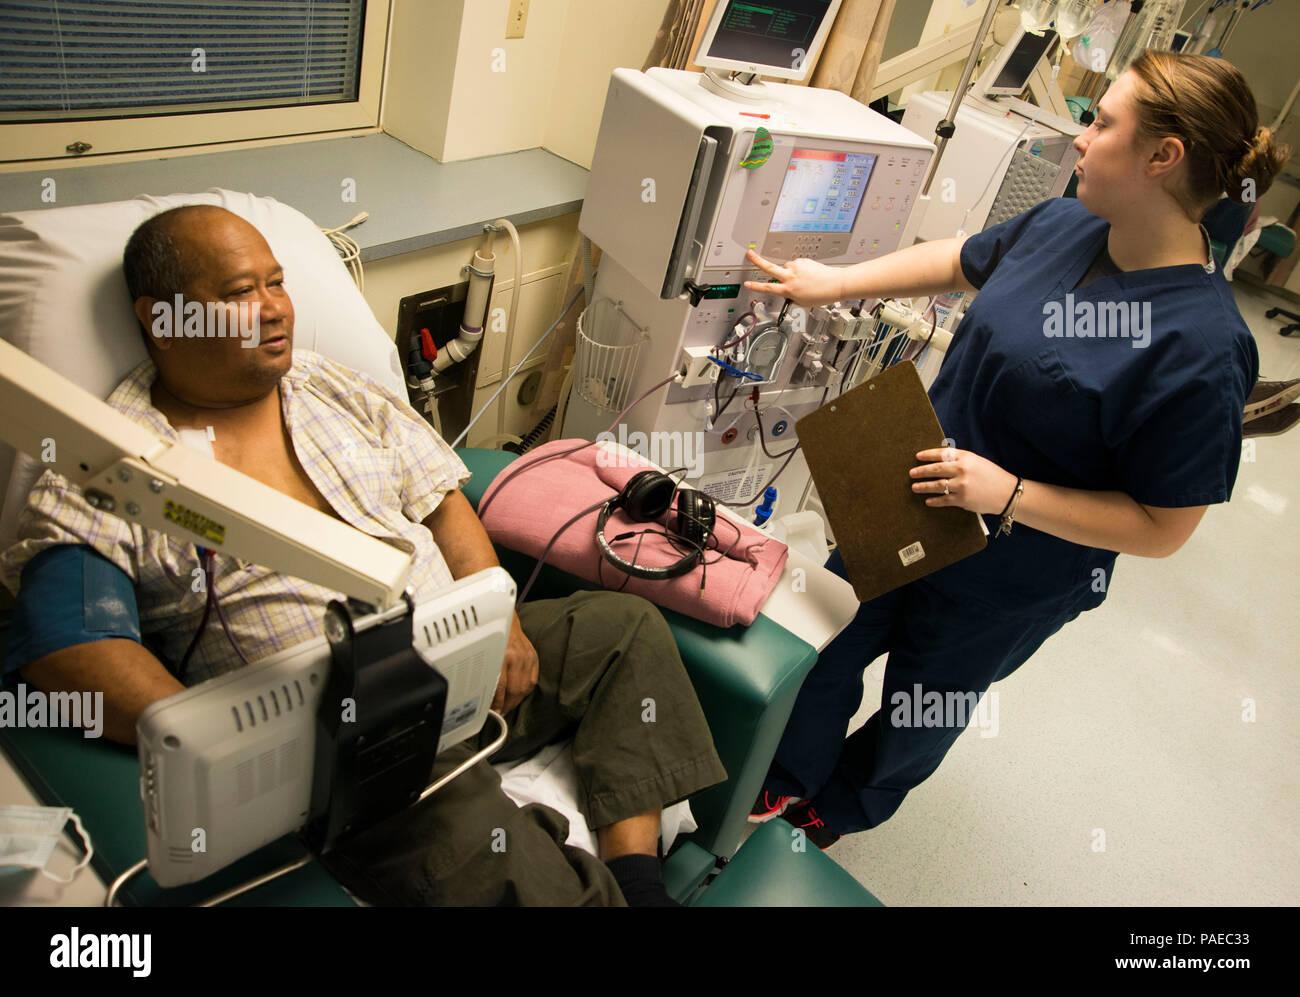 Nephrology Stock Photos & Nephrology Stock Images - Alamy